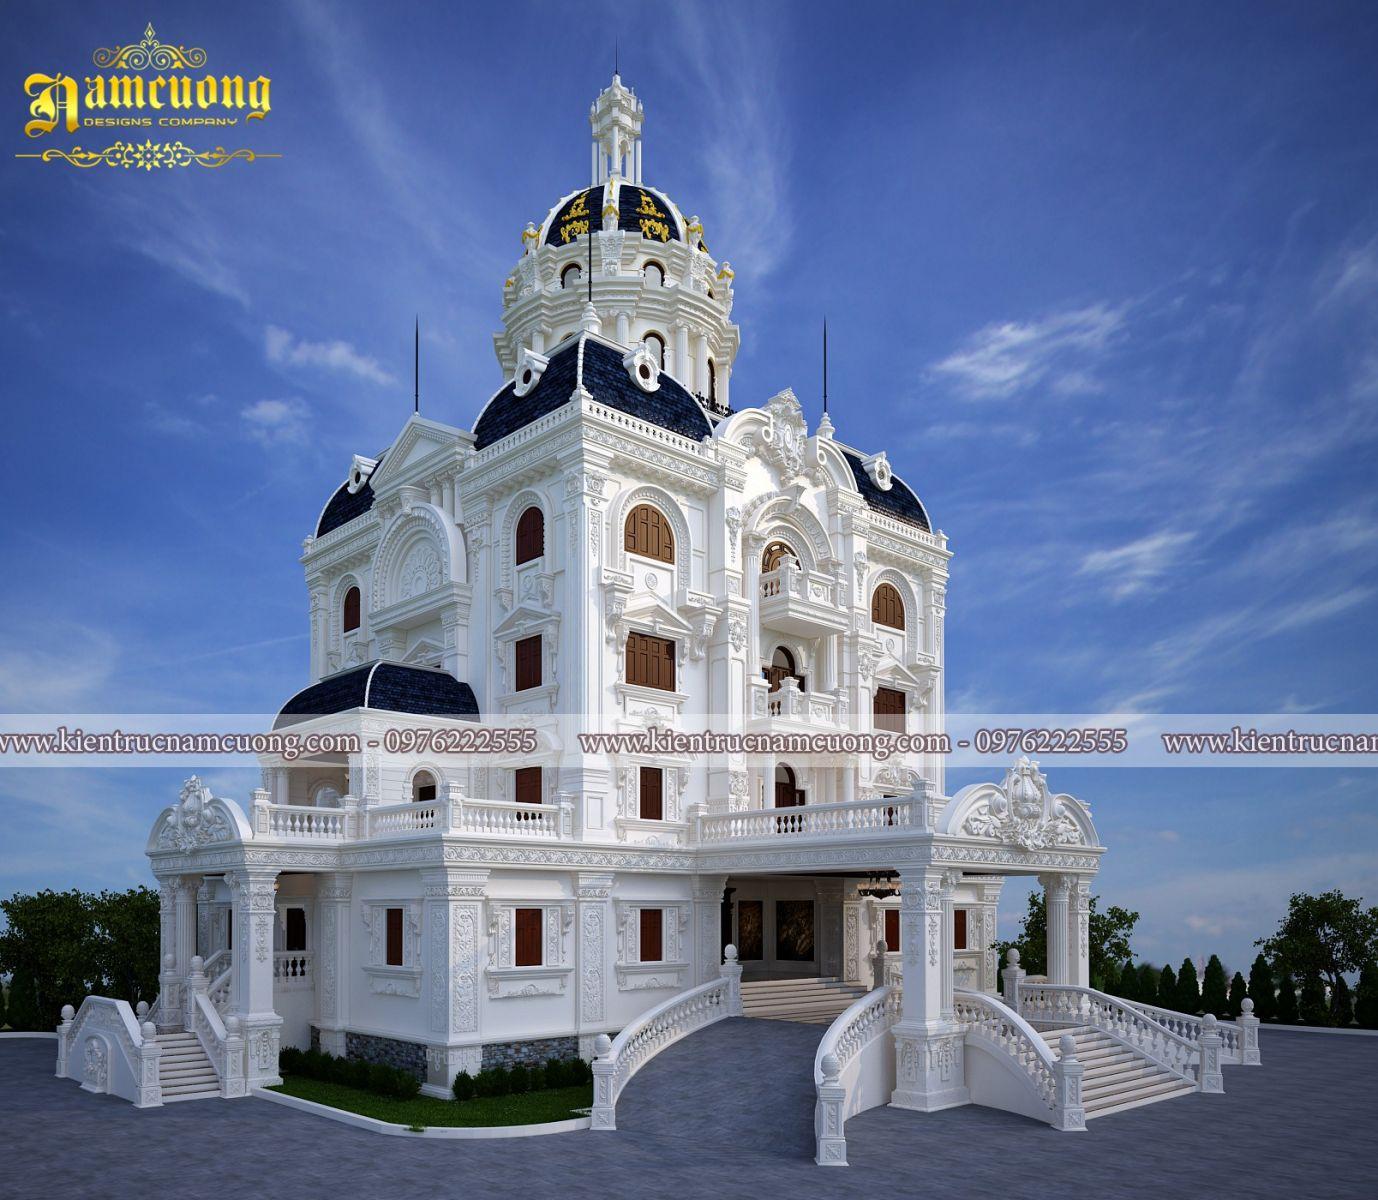 Thiết kế biệt thự Pháp kiểu lâu đài lộng lẫy tại Hà Nội